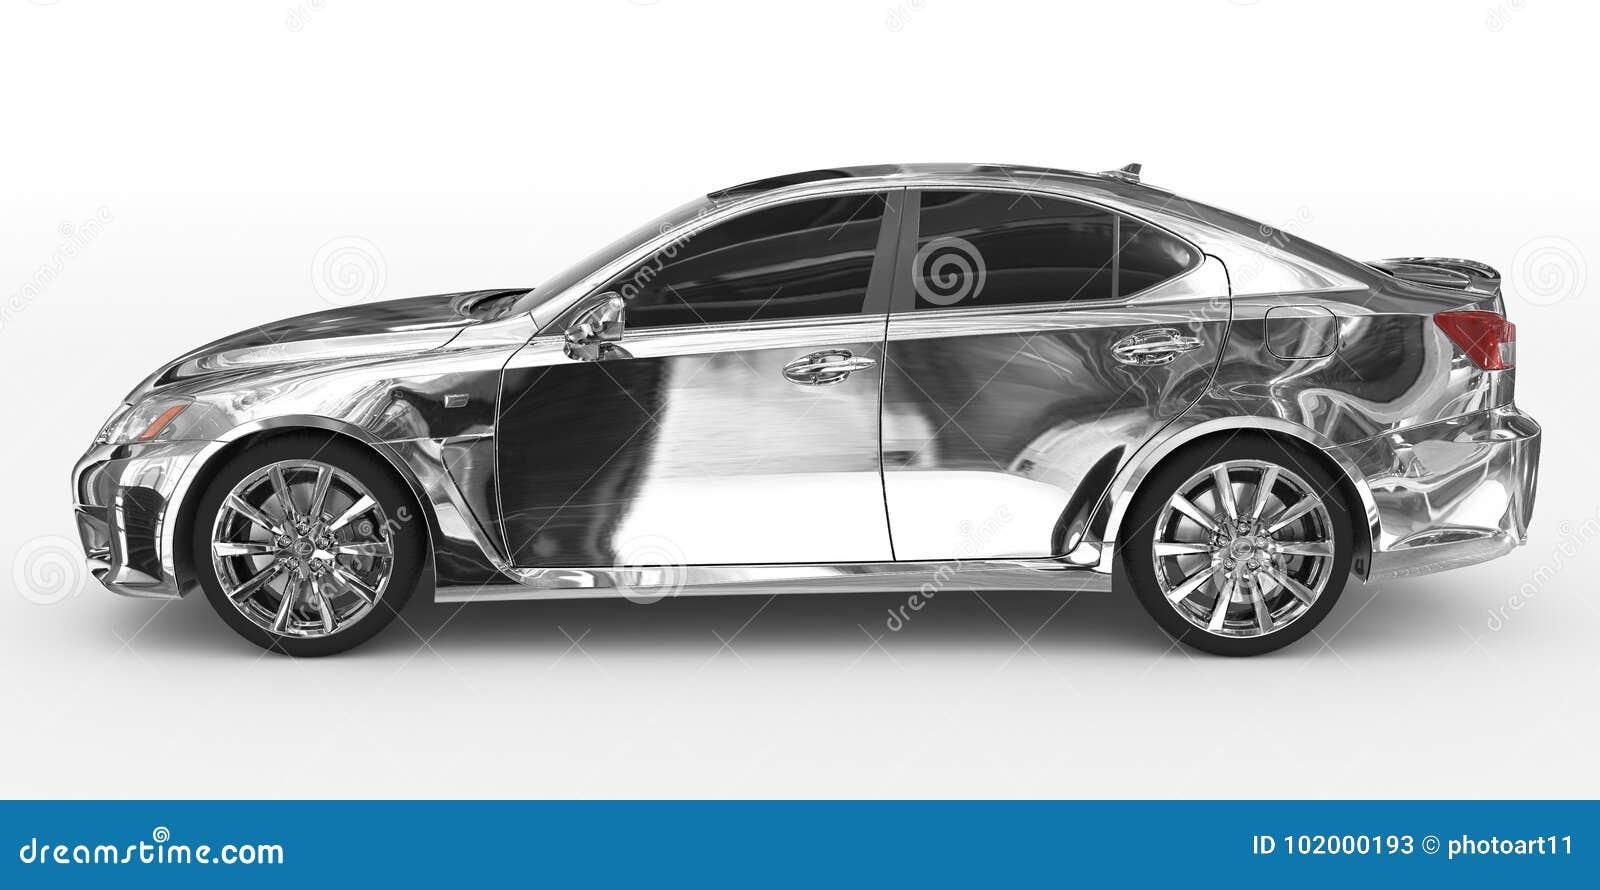 Автомобиль изолированный на бело- хроме, подкрашиванном стекле - выведенном взгляде со стороны